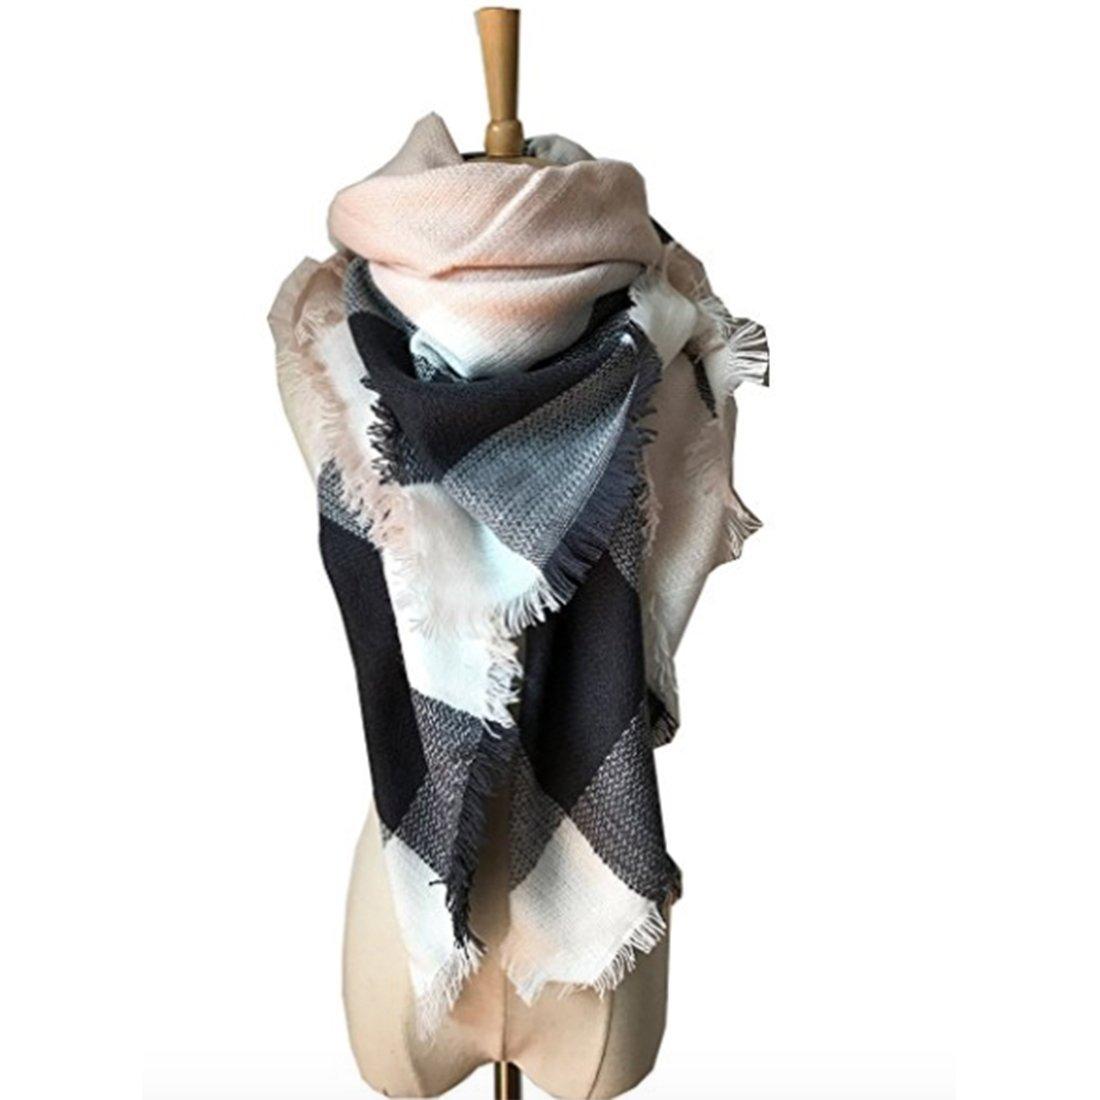 Women's Cozy Tartan Scarf Wrap Shawl Neck Stole Warm Plaid Checked Pashmina SNL-170905016-1